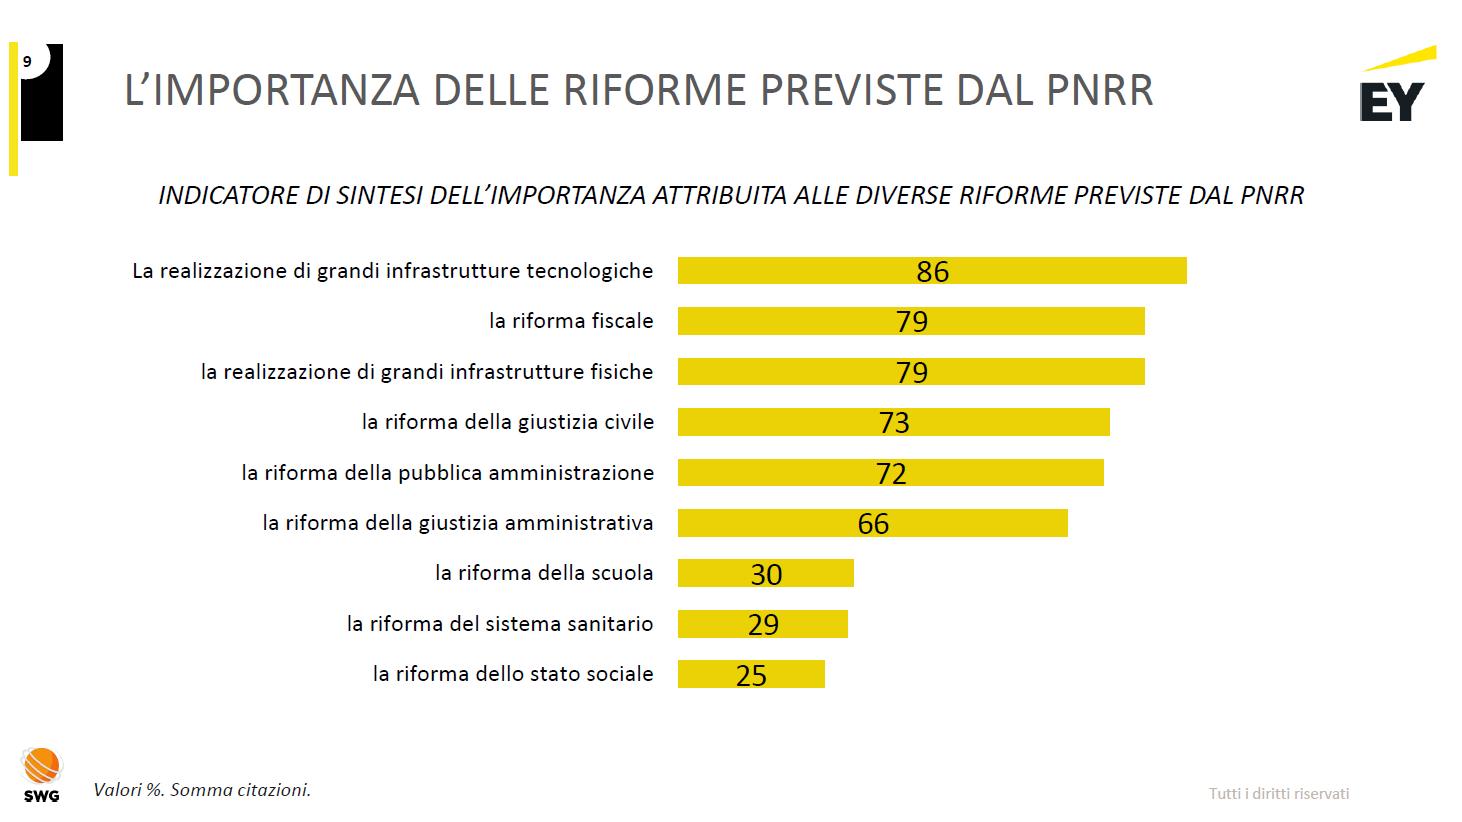 L'importanza delle riforme previste dal Pnrr - Fonte: Report Riforma Italia 2021 - EY Luiss Business School